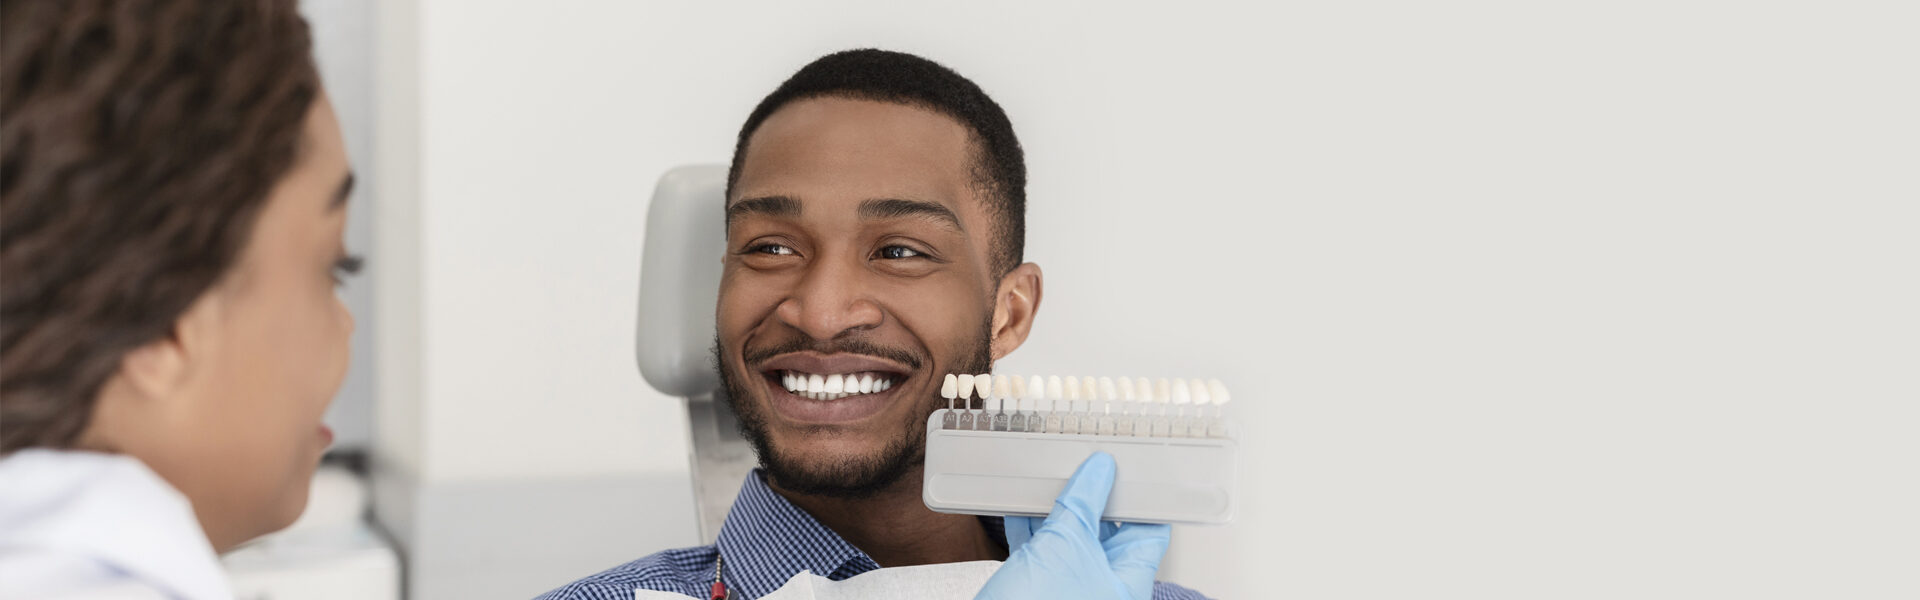 Dental Veneers in Union, NJ